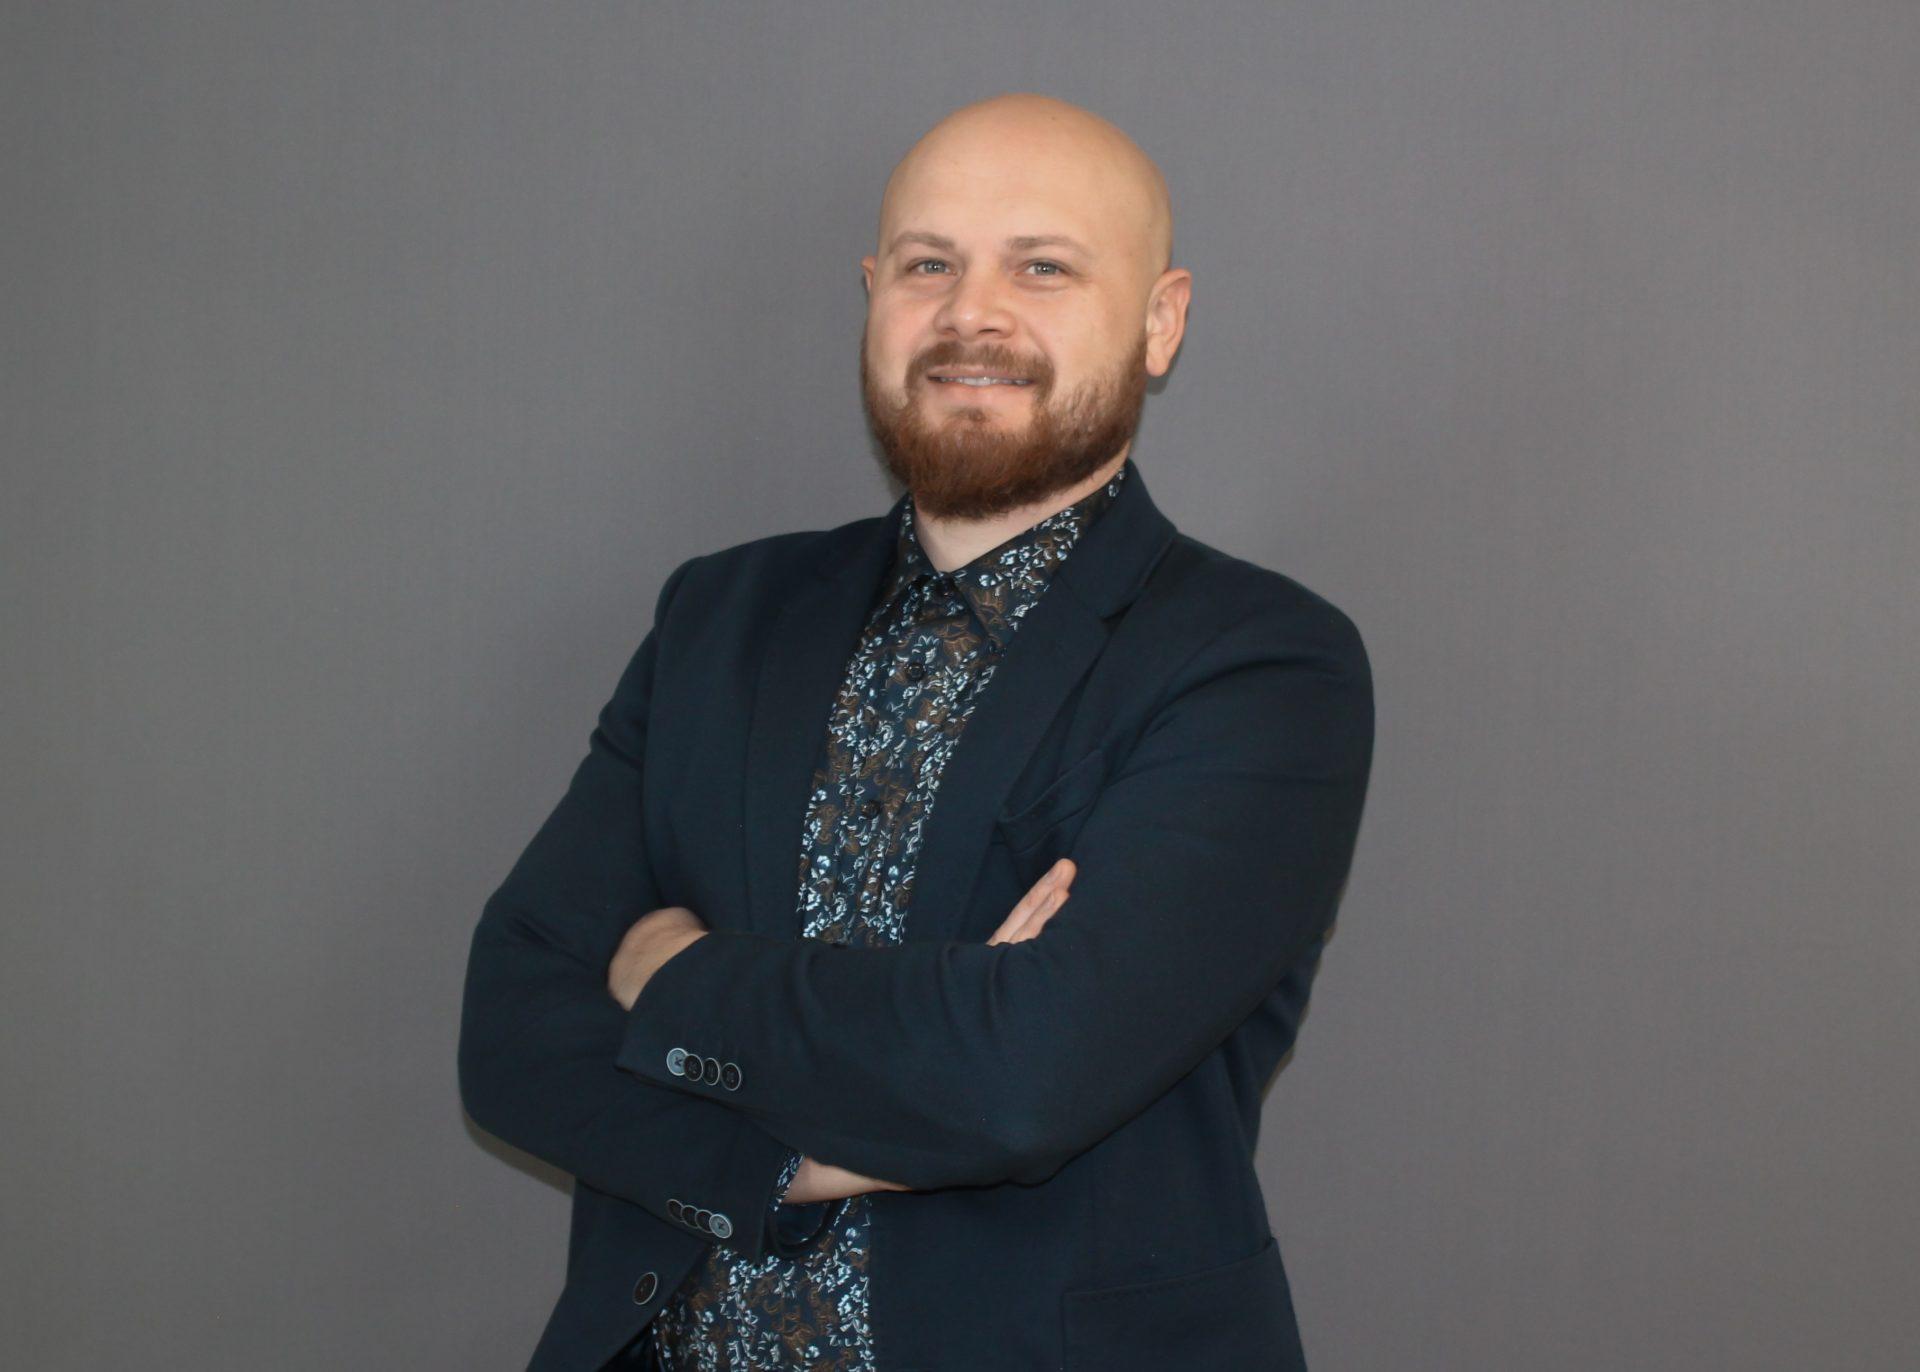 Ein Portrait von Vadim Salkutsan vor einem grauen Hintergrund